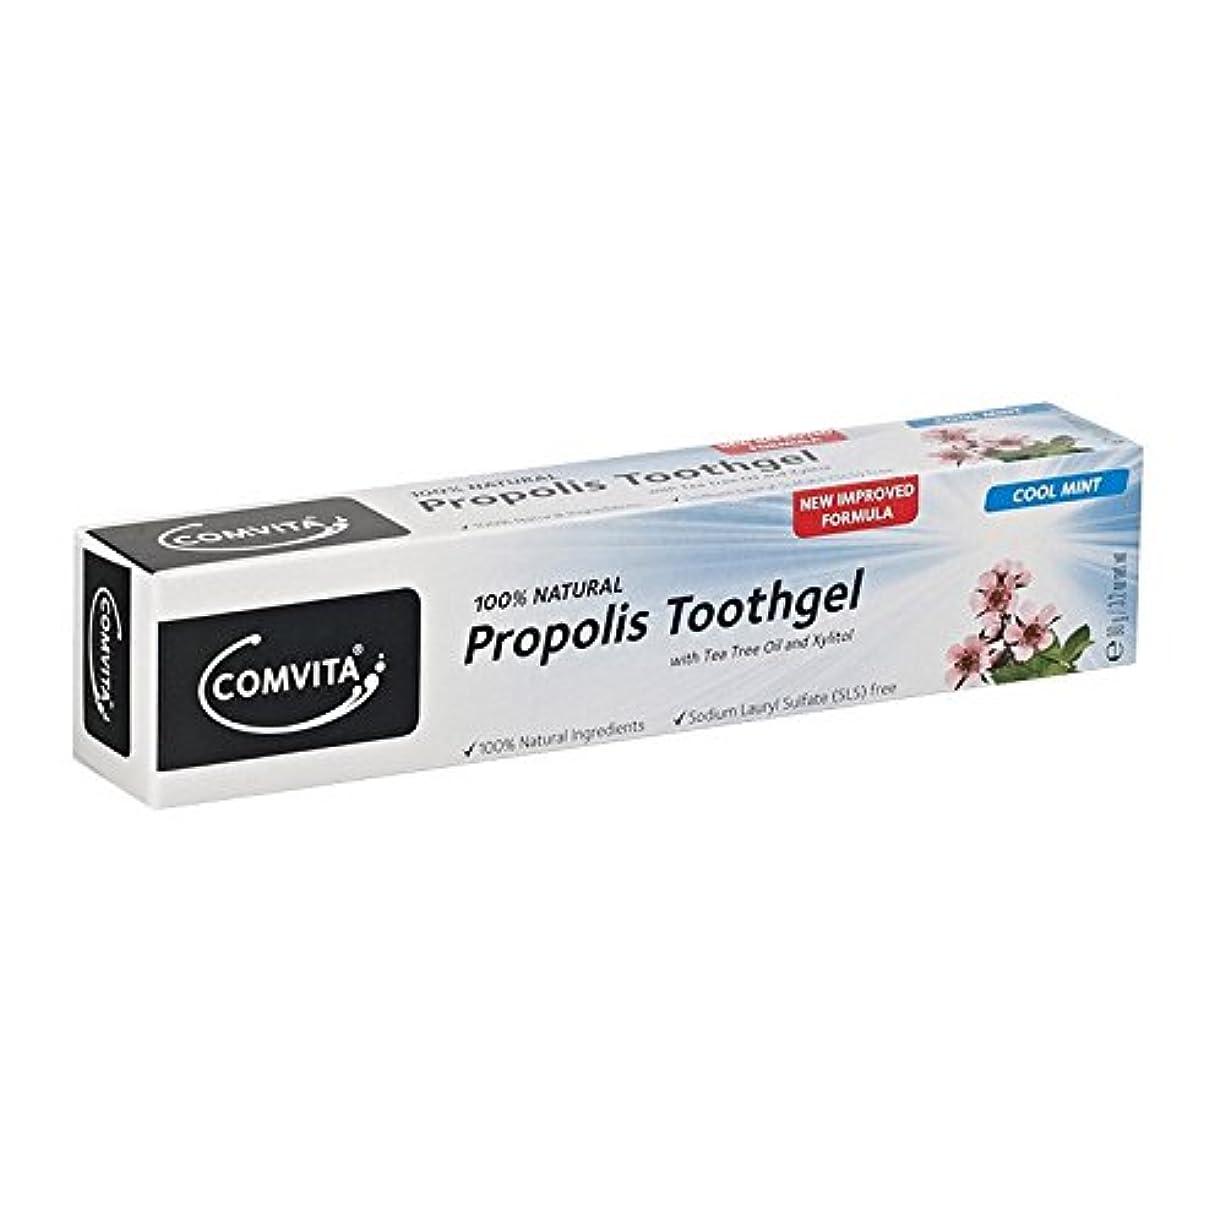 犠牲周辺取り扱いComvita 100 Natural Propolis Toothgel (Pack of 6) - コンビタ100天然プロポリスToothgel (x6) [並行輸入品]